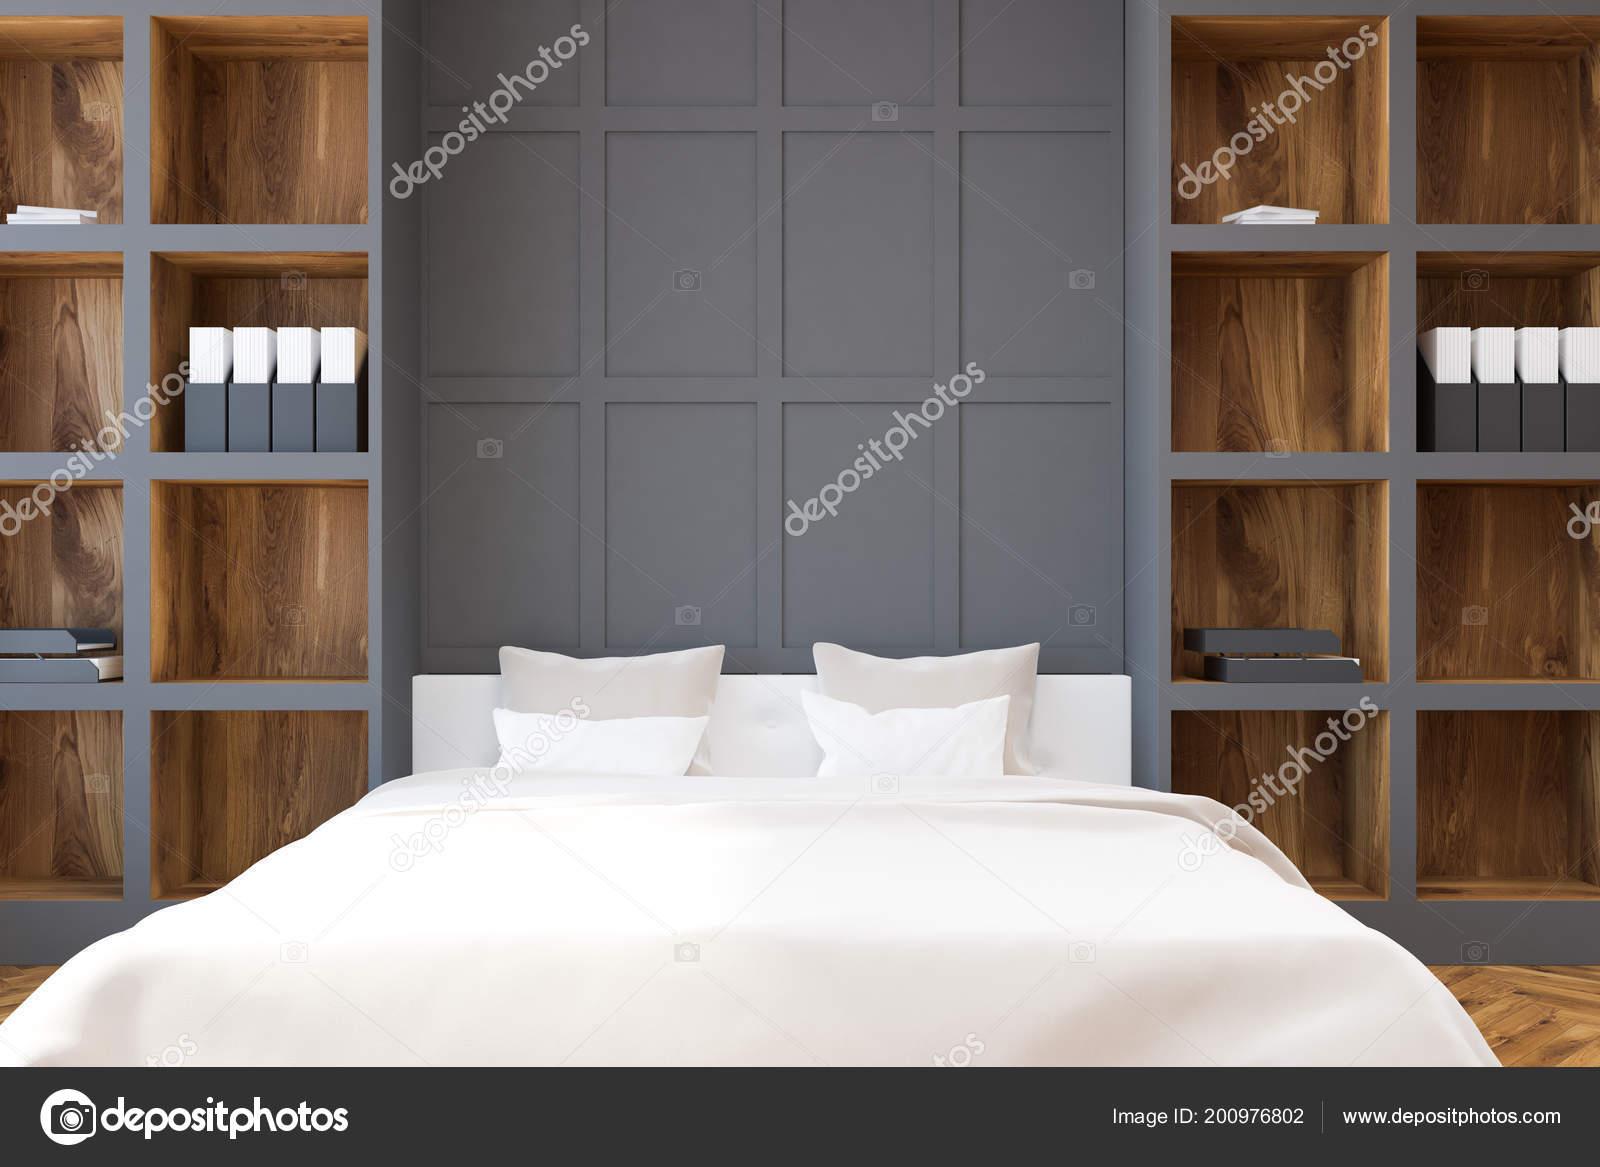 houten grijze muur slaapkamer interieur met een witte bed staan stockfoto